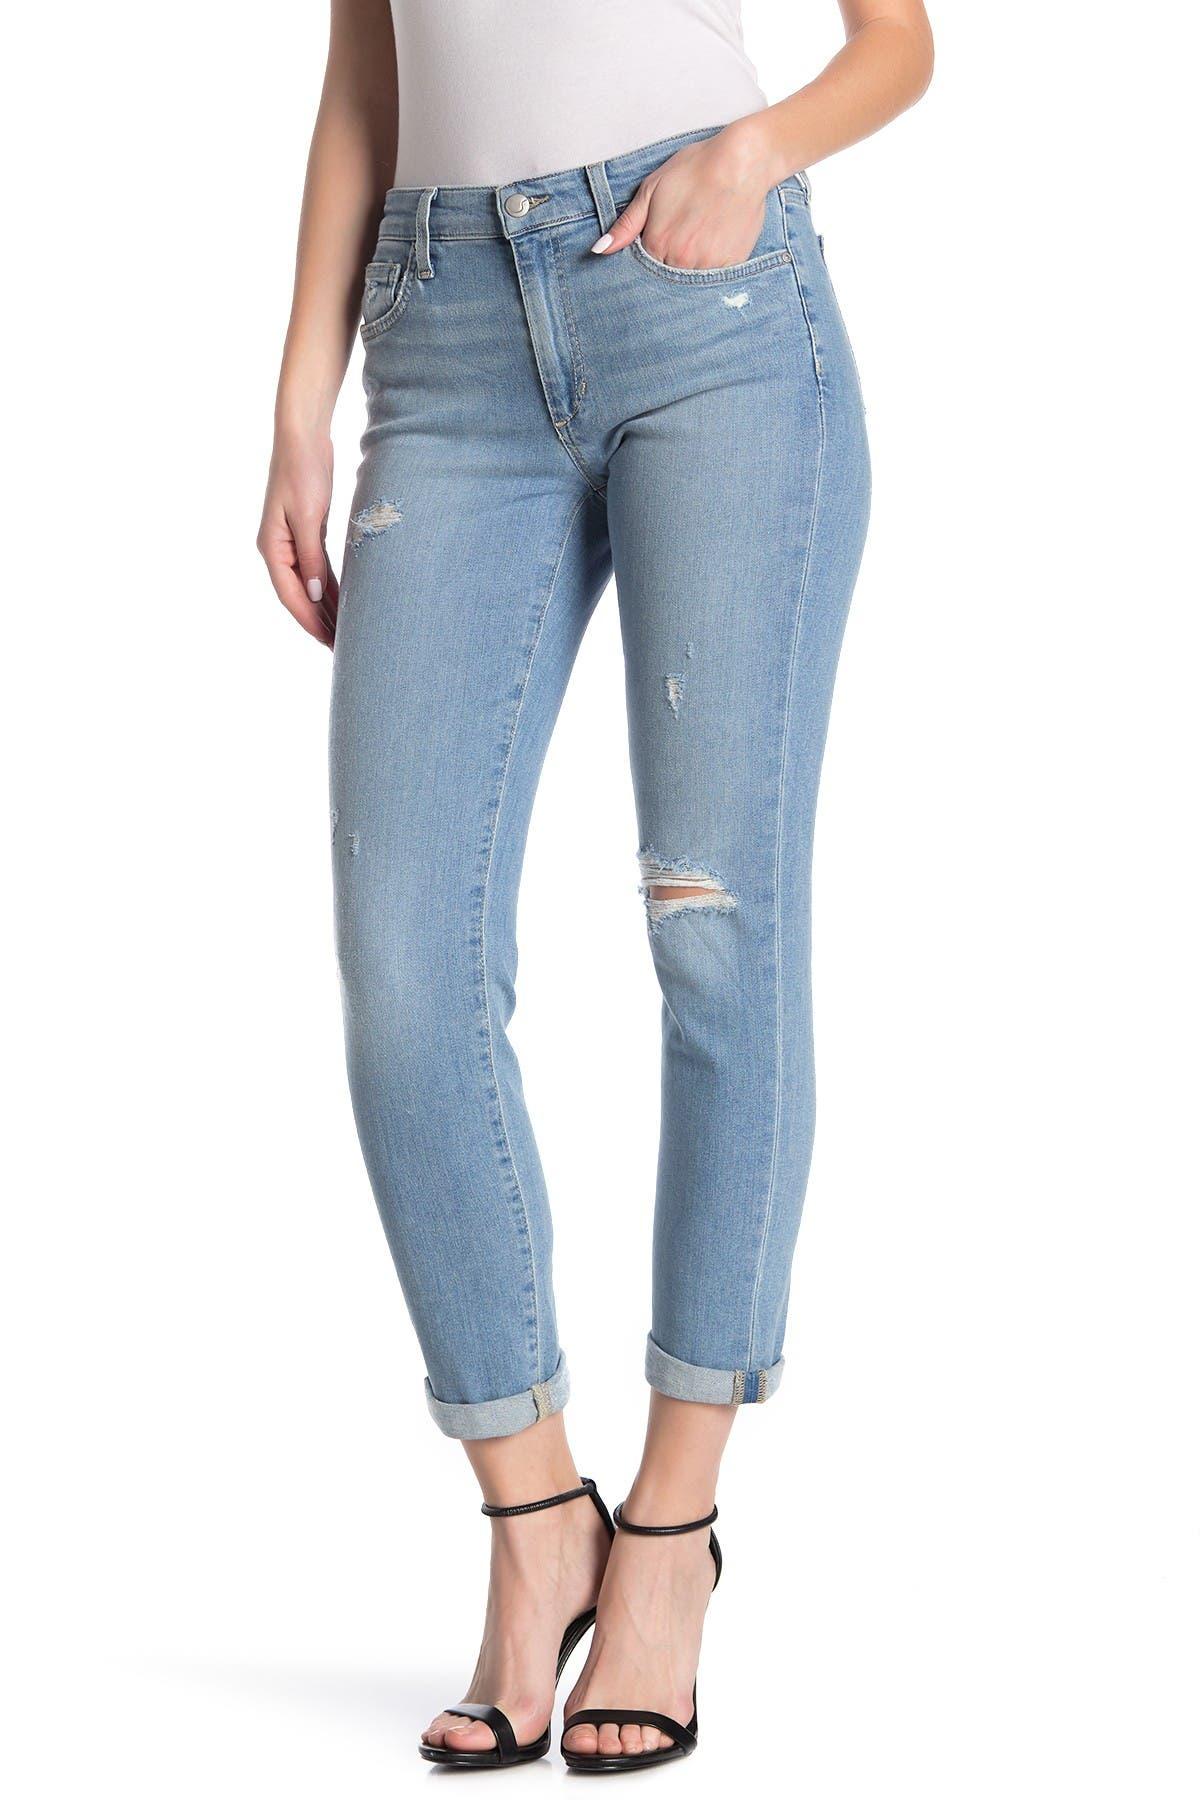 Image of Joe's Jeans Slim Fit Boyfriend Crop Jeans